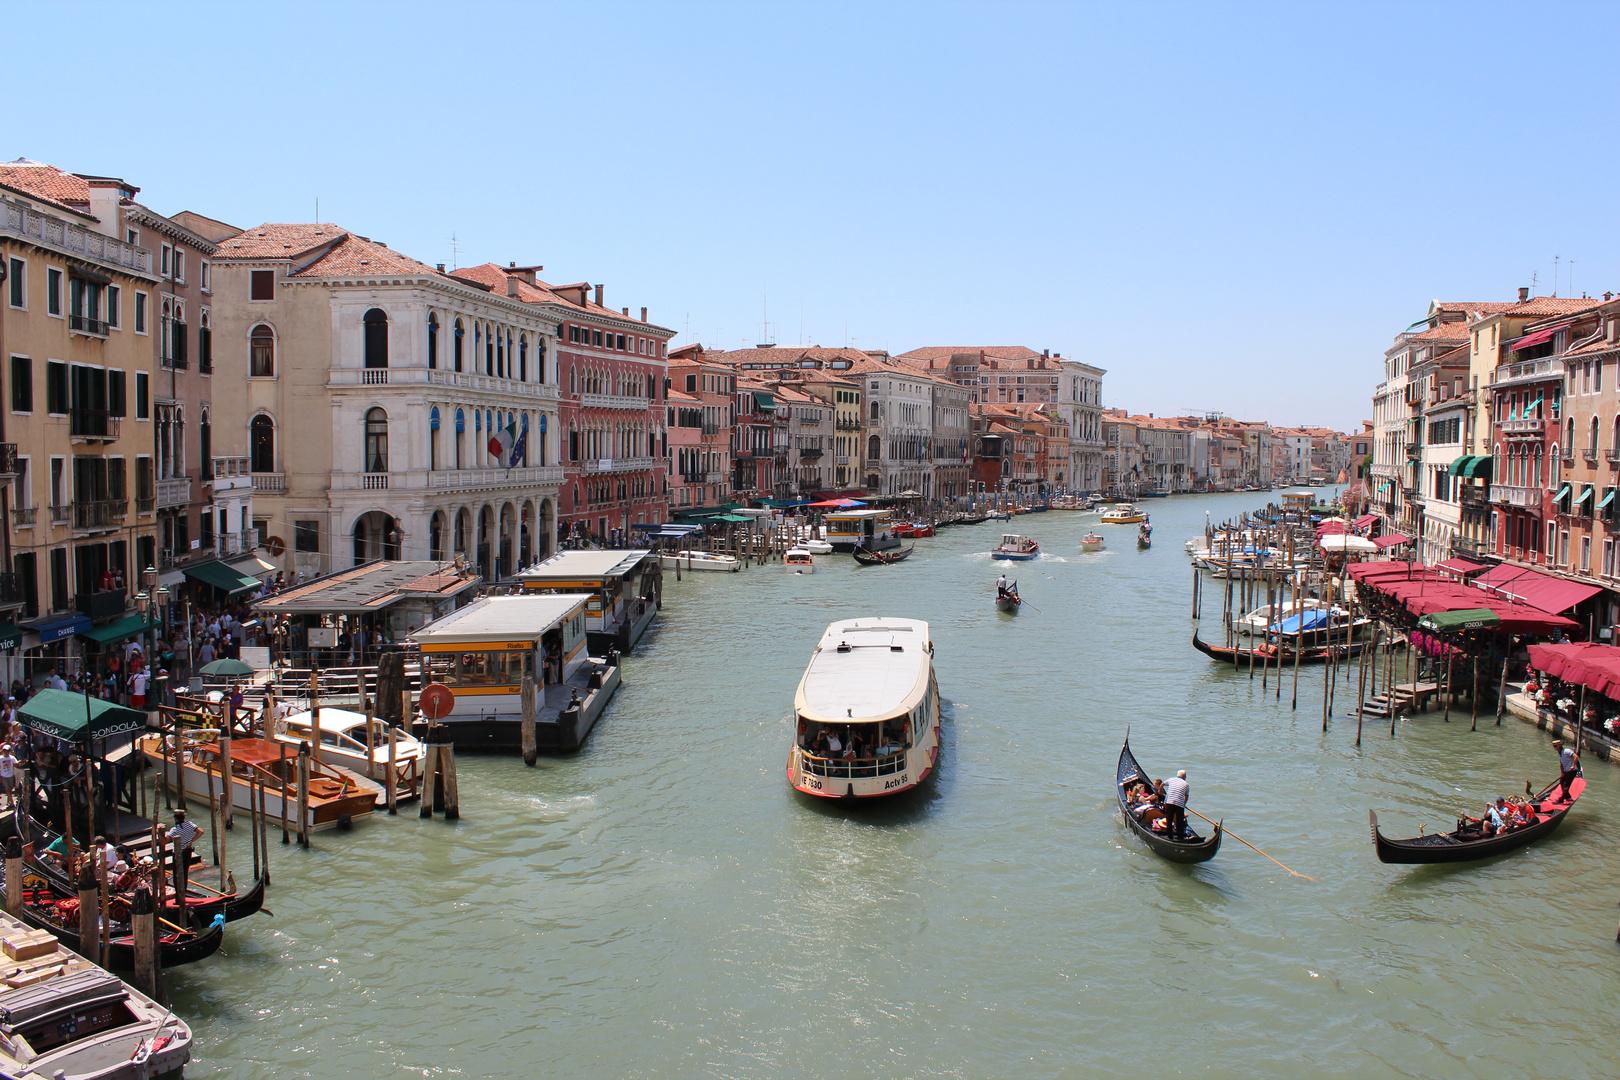 Venedig - Blick von der Rialto Brücke auf den Canal Grande